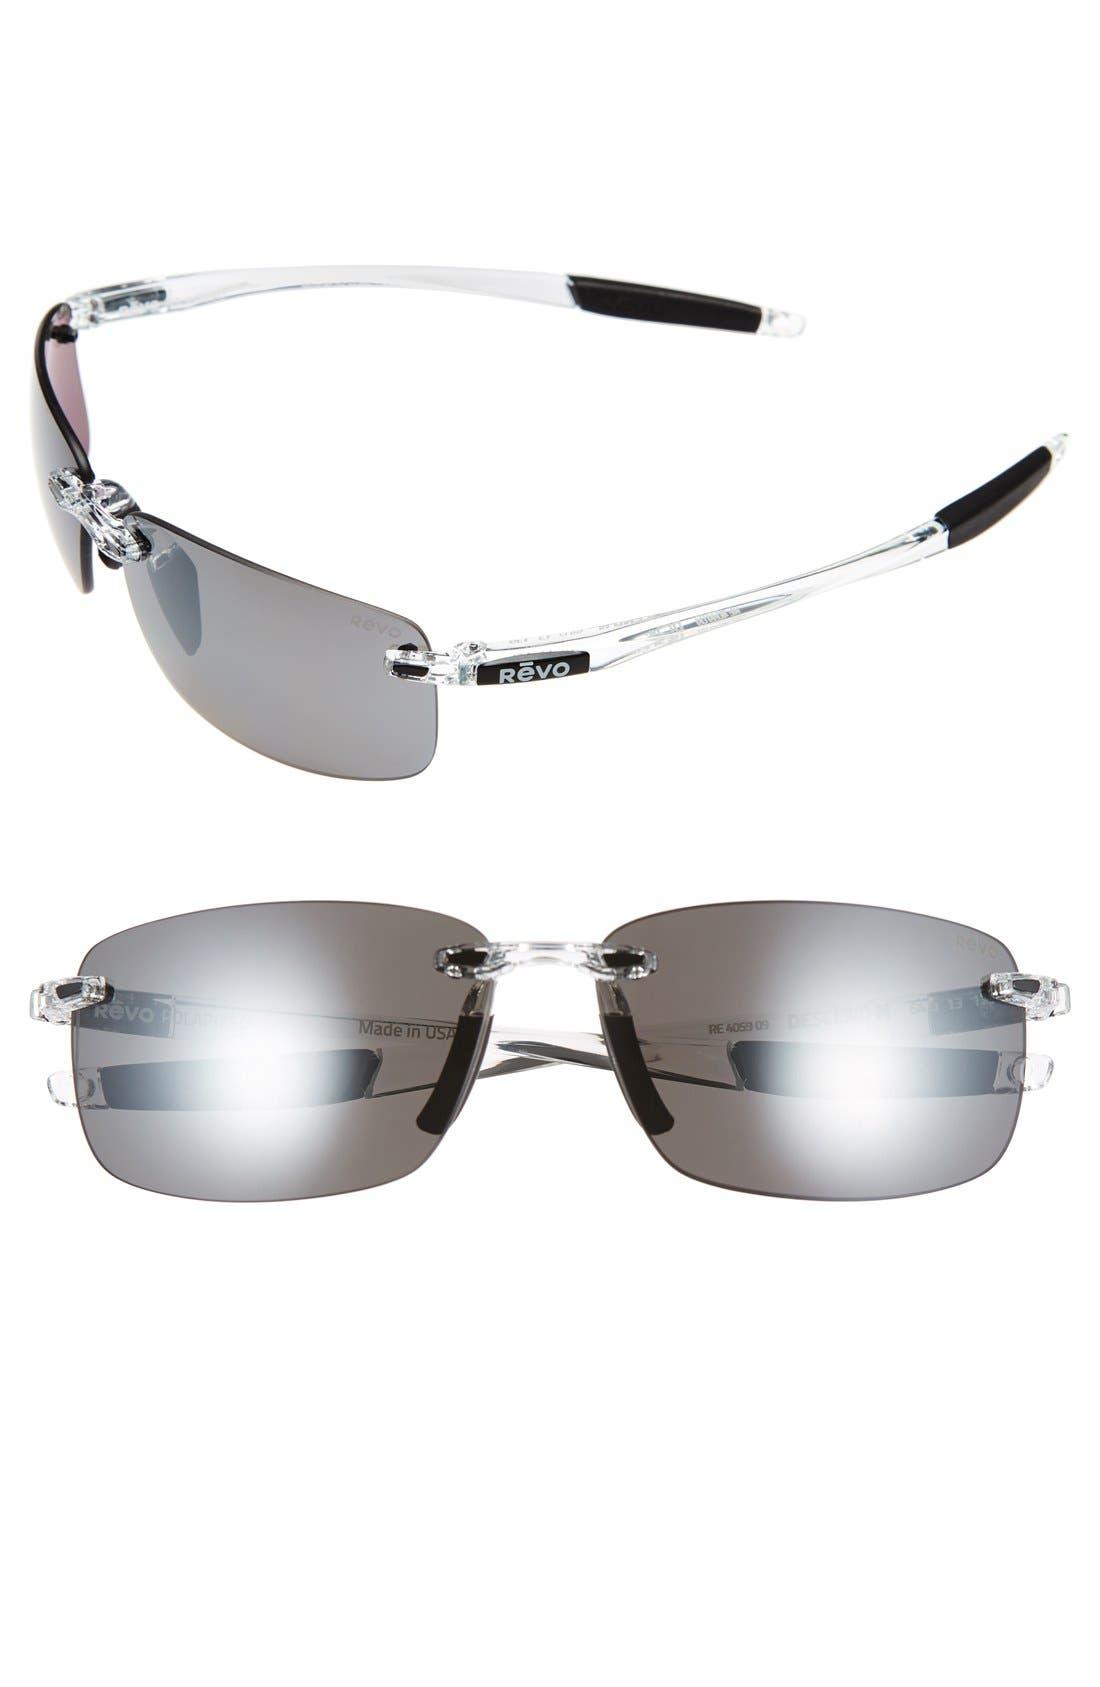 REVO 'Descend N' 64mm Polarized Rimless Sunglasses